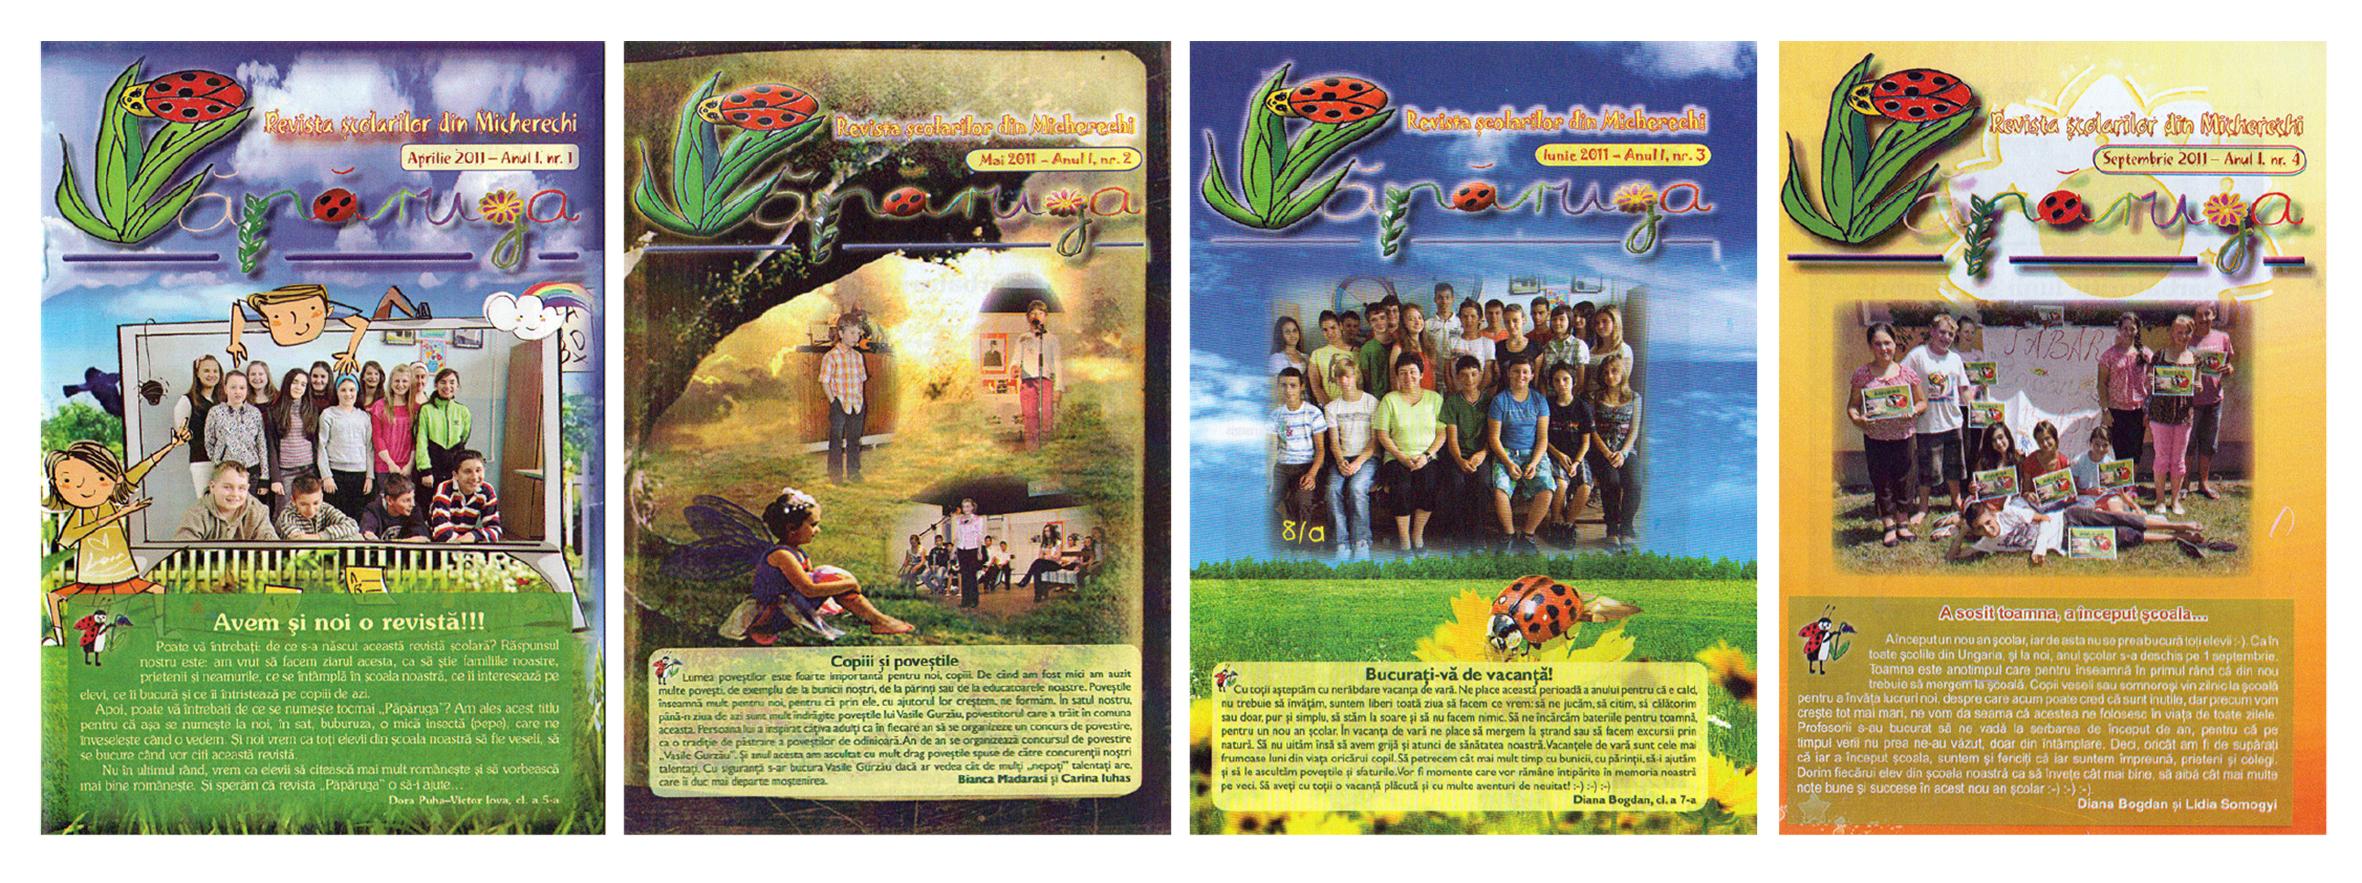 Părăruga. Revista şcolarilor din Micherechi